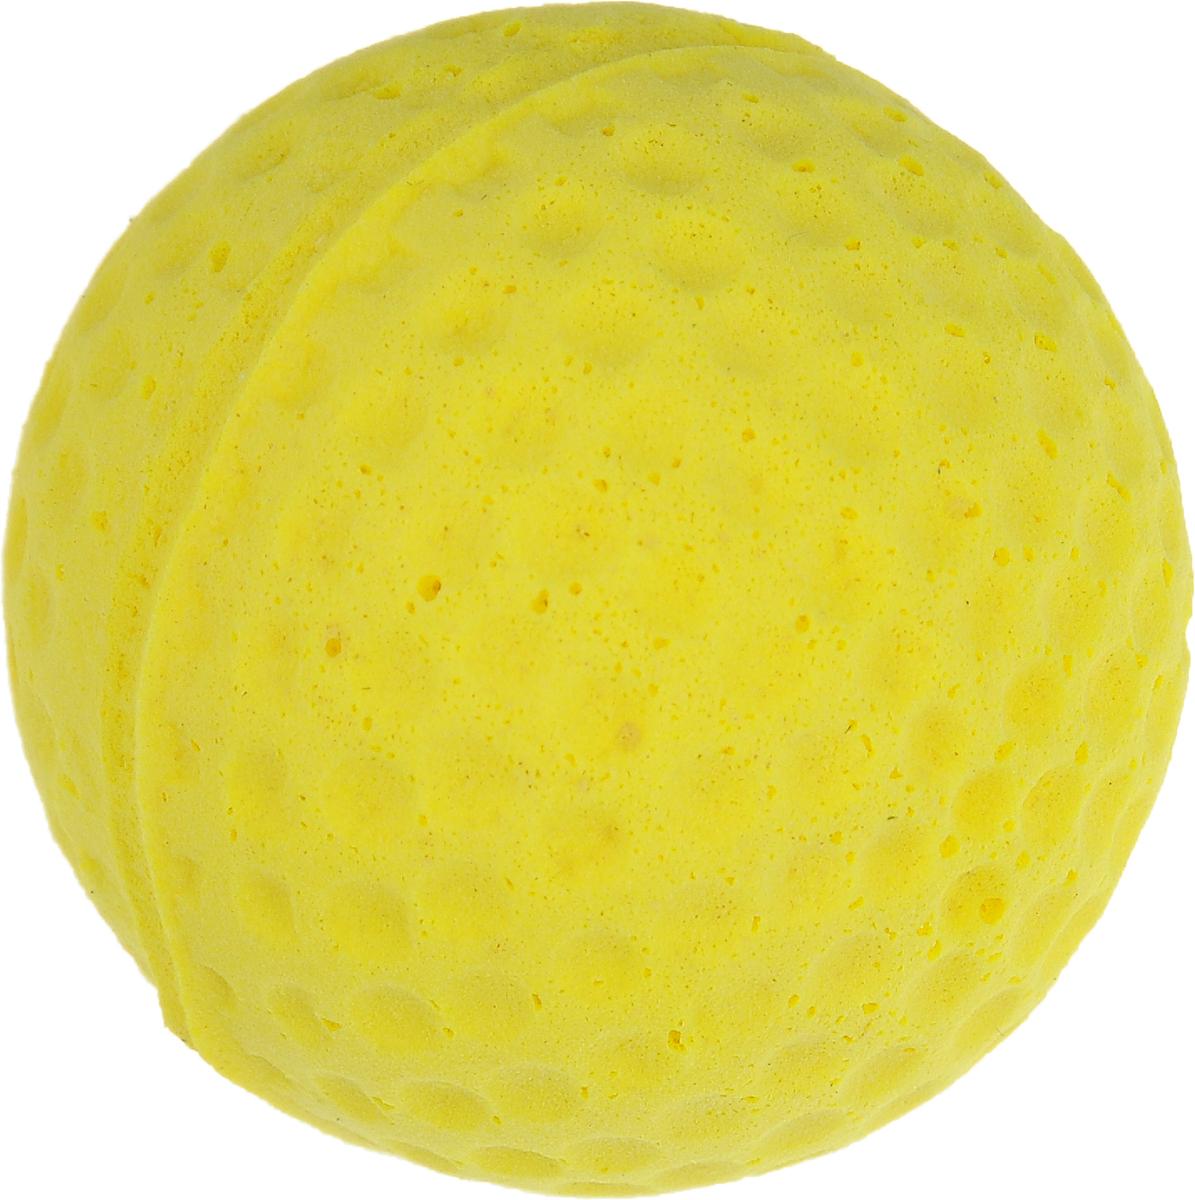 Игрушка для животных Каскад Мячик зефирный. Гольф, цвет: желтый, диаметр 4 см куплю документы на гольф 4